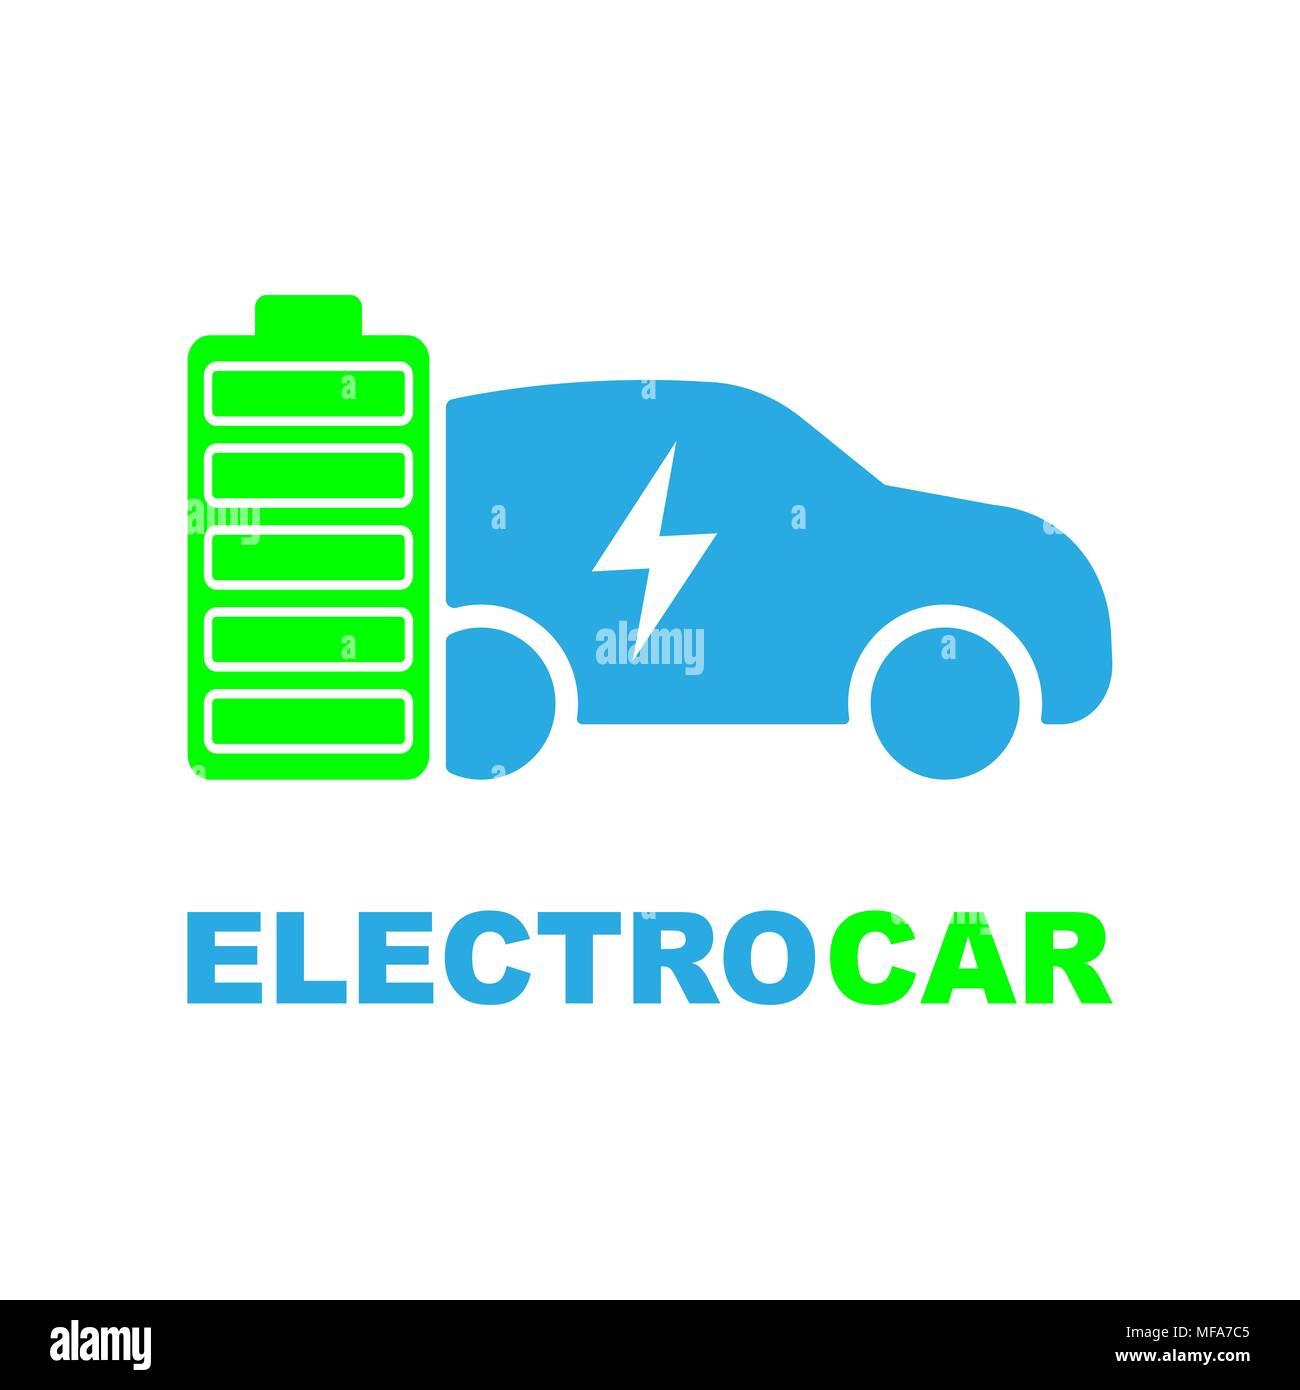 Niedlich Elektrische Symbole Des Autos Ideen - Elektrische ...